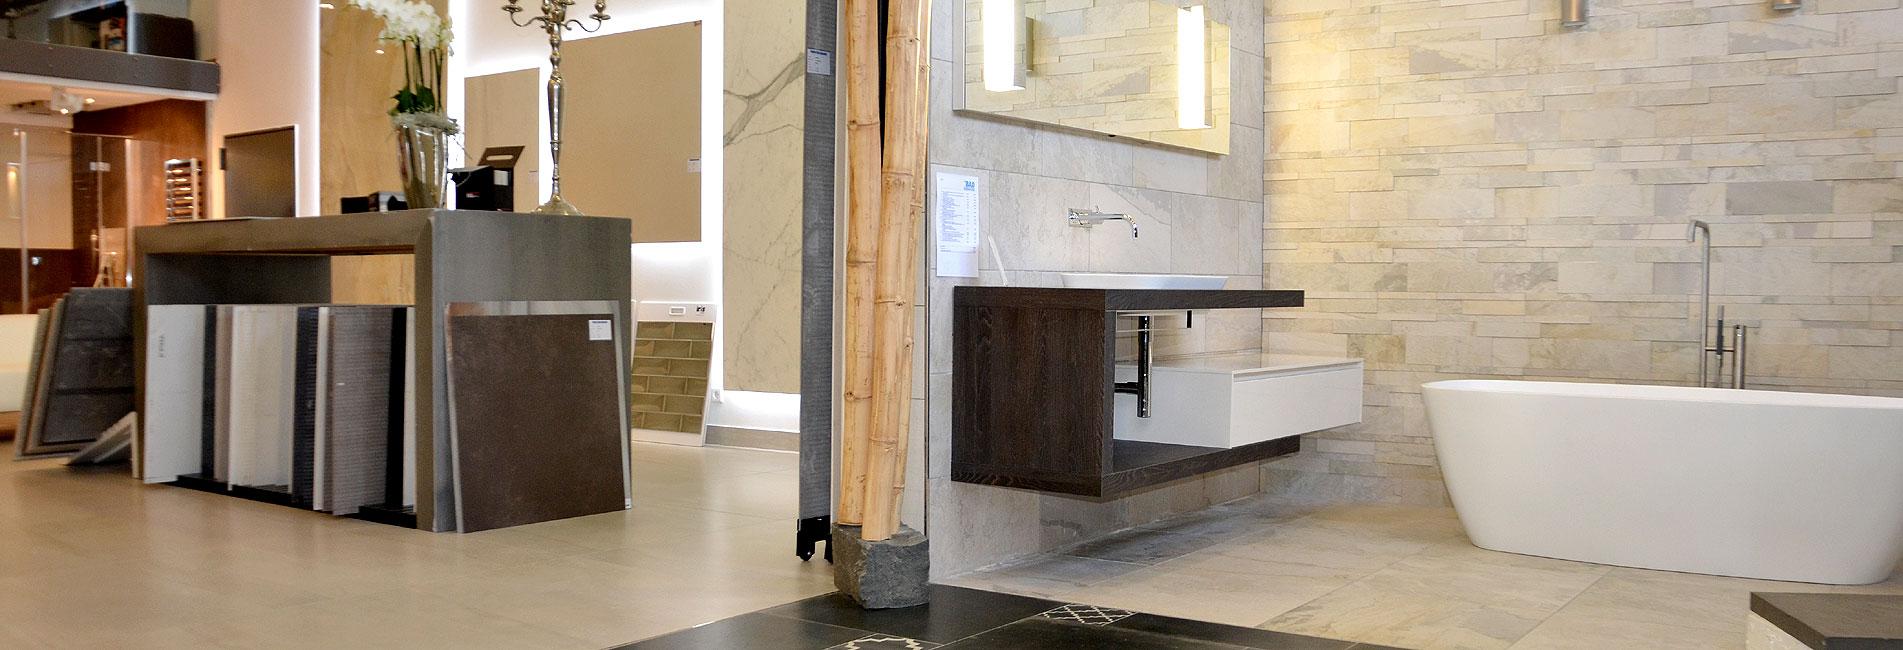 fliesen aschaffenburg. Black Bedroom Furniture Sets. Home Design Ideas